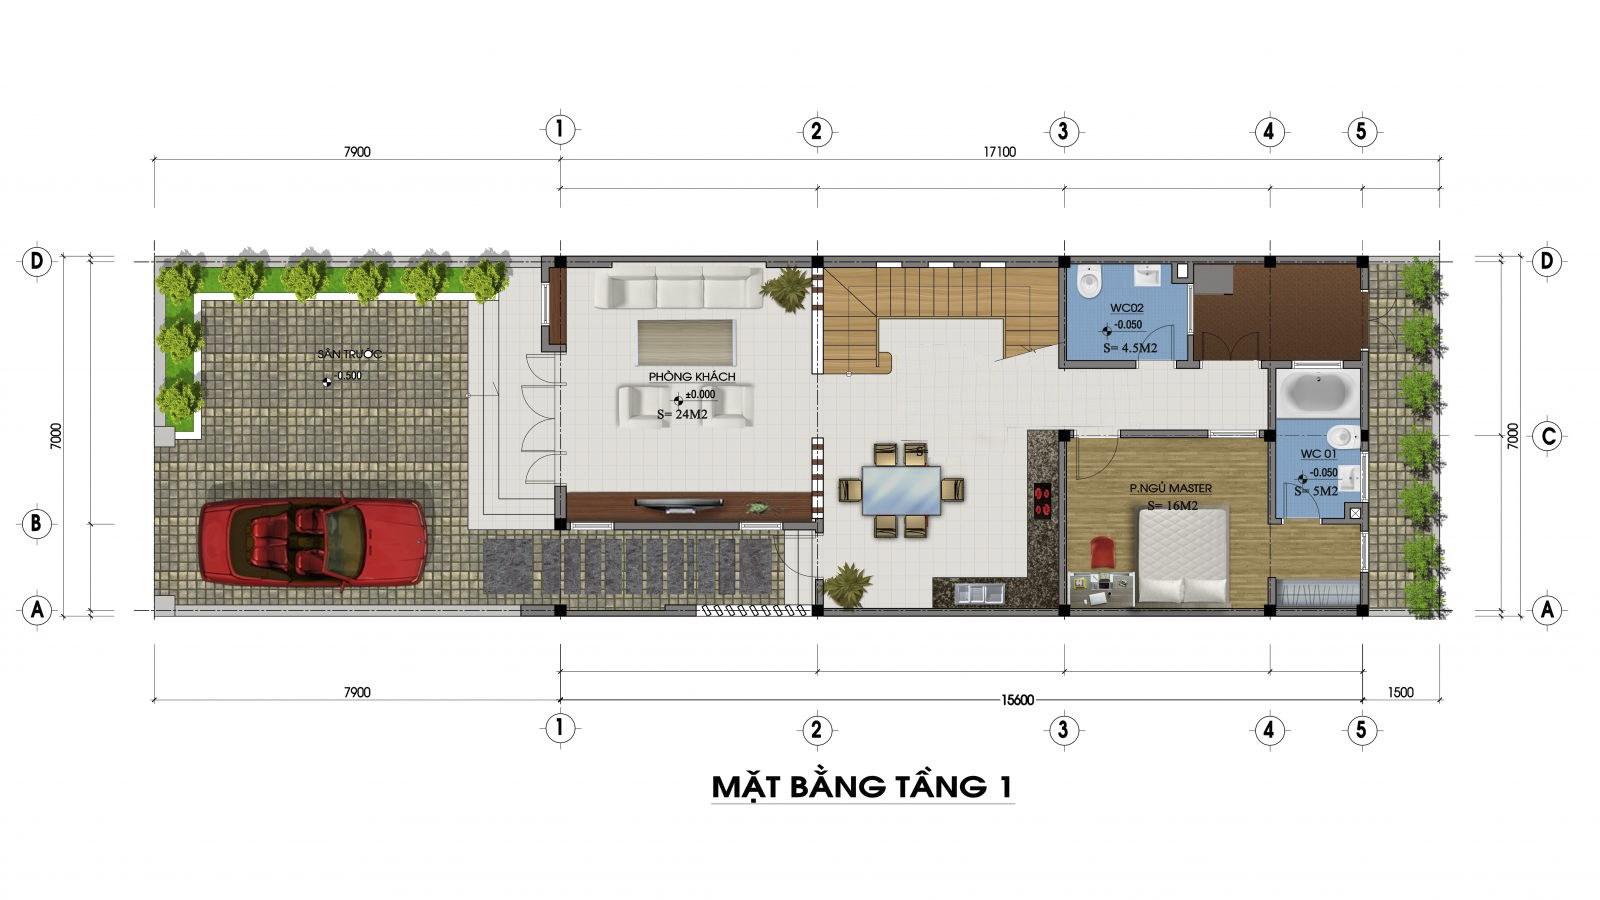 Mặt bằng tầng 1 mẫu nhà 2 tầng mặt tiền 7m